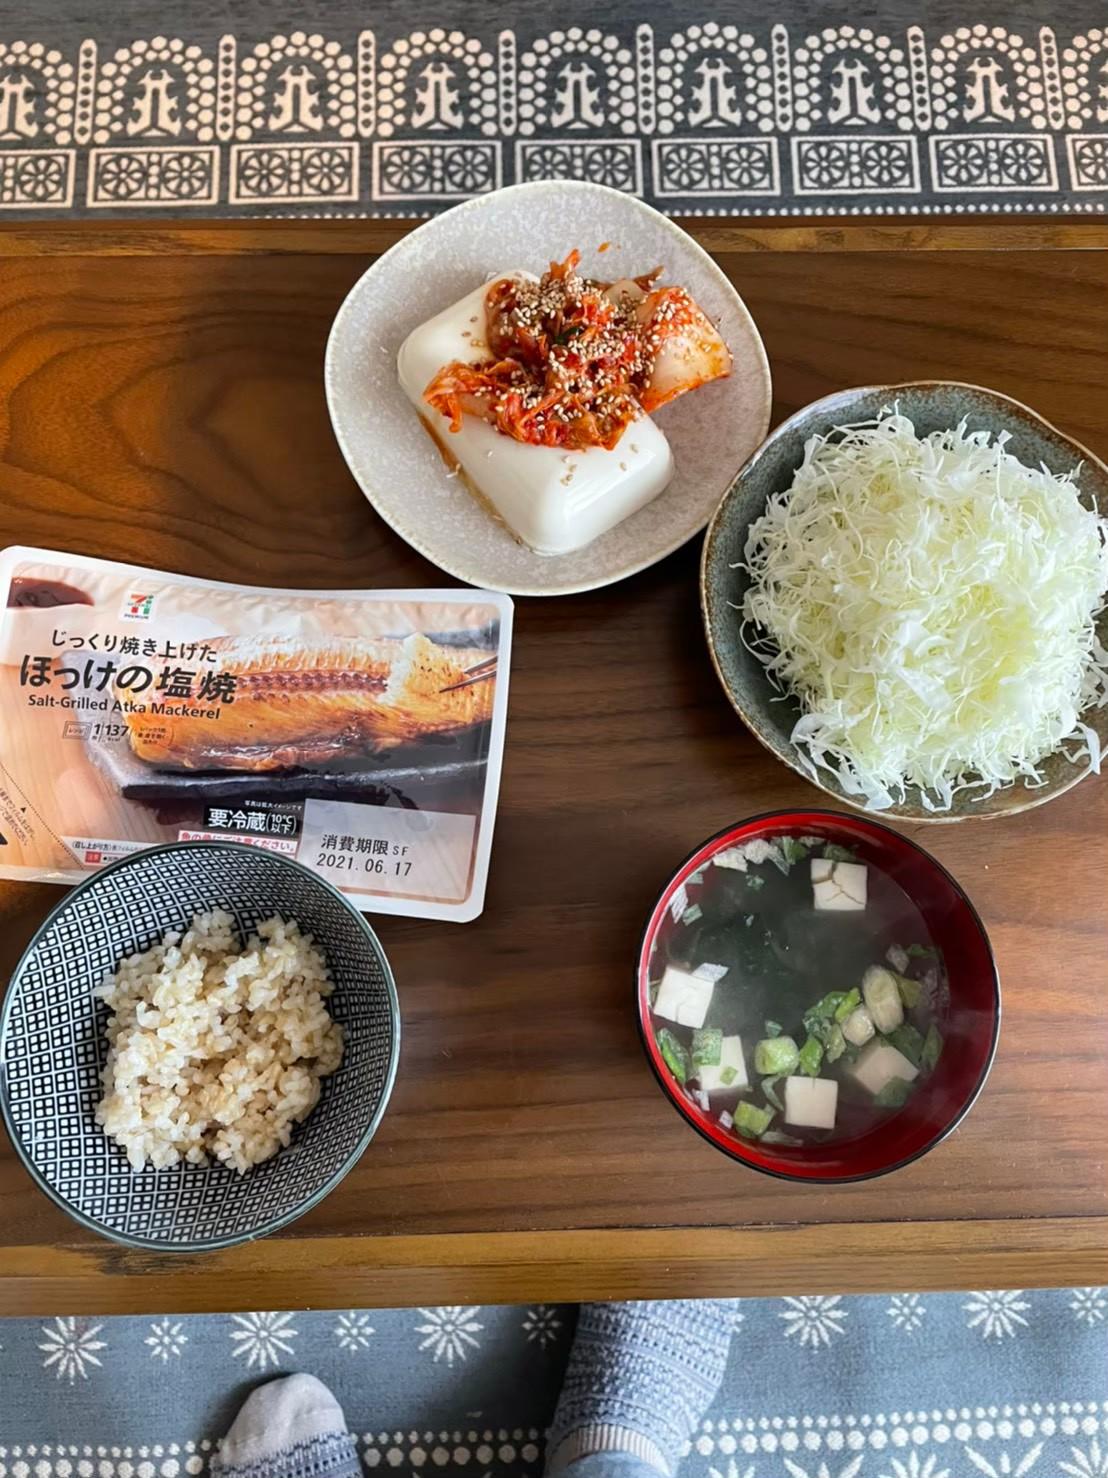 手間かけずに継続しやすい料理メニューは、ダイエットの食事において大切